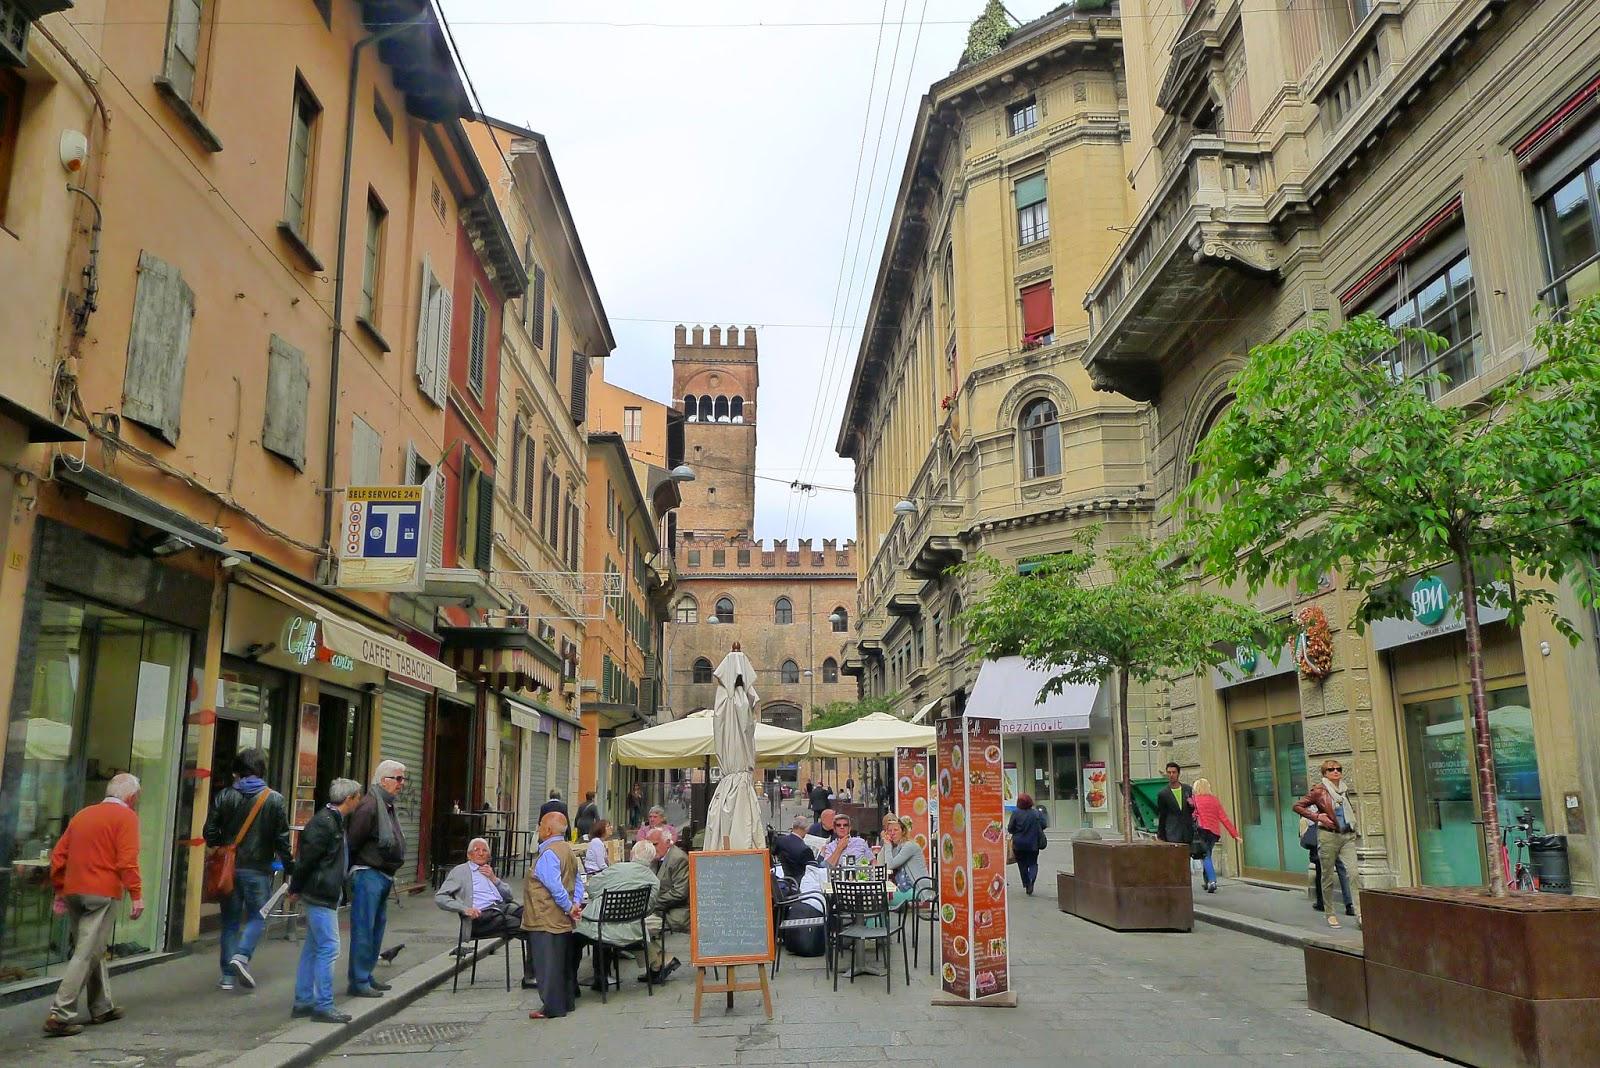 [ParlamiditER] Cinque esperienze che mi hanno lasciato senza fiato a Bologna